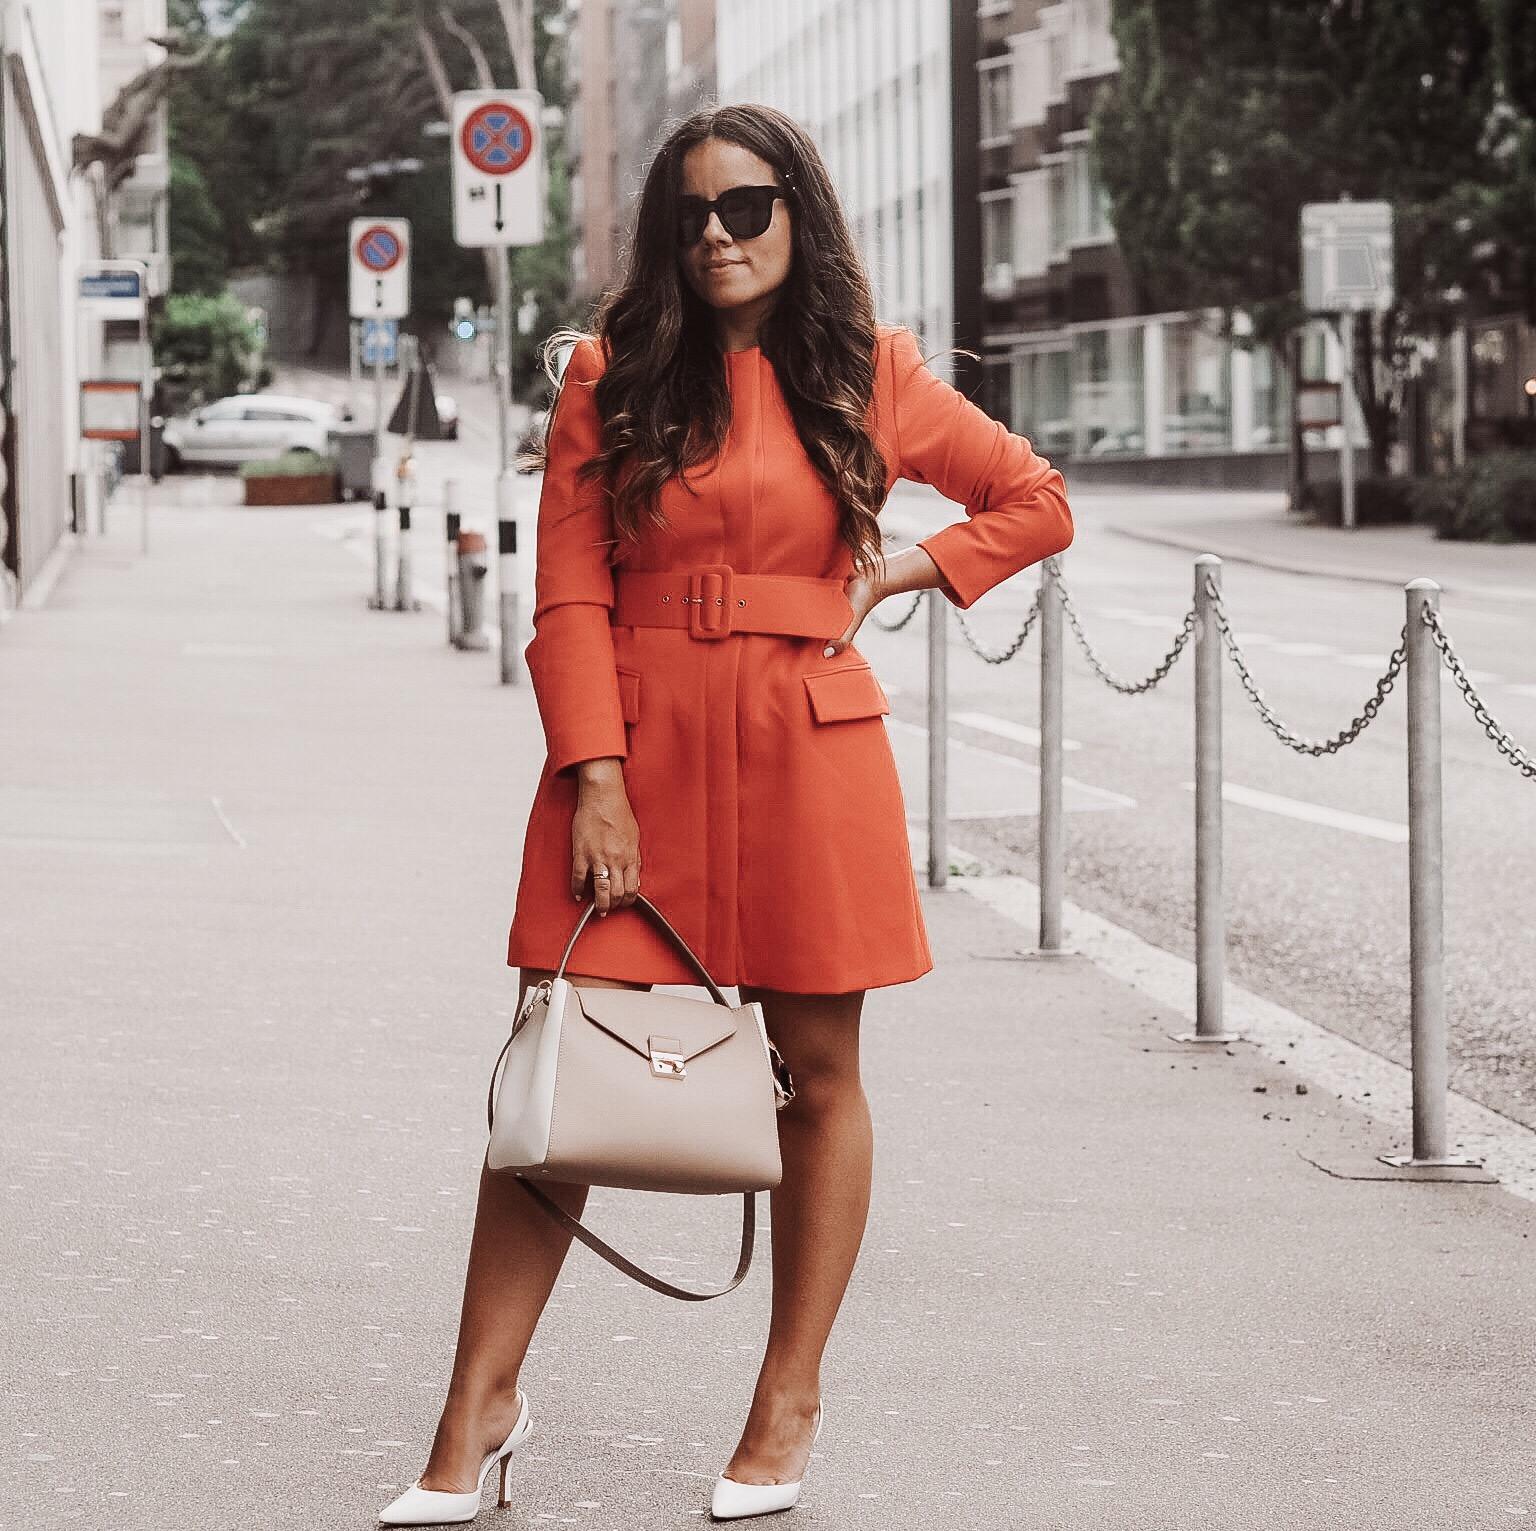 orange dress-white heels-nude bag.JPG